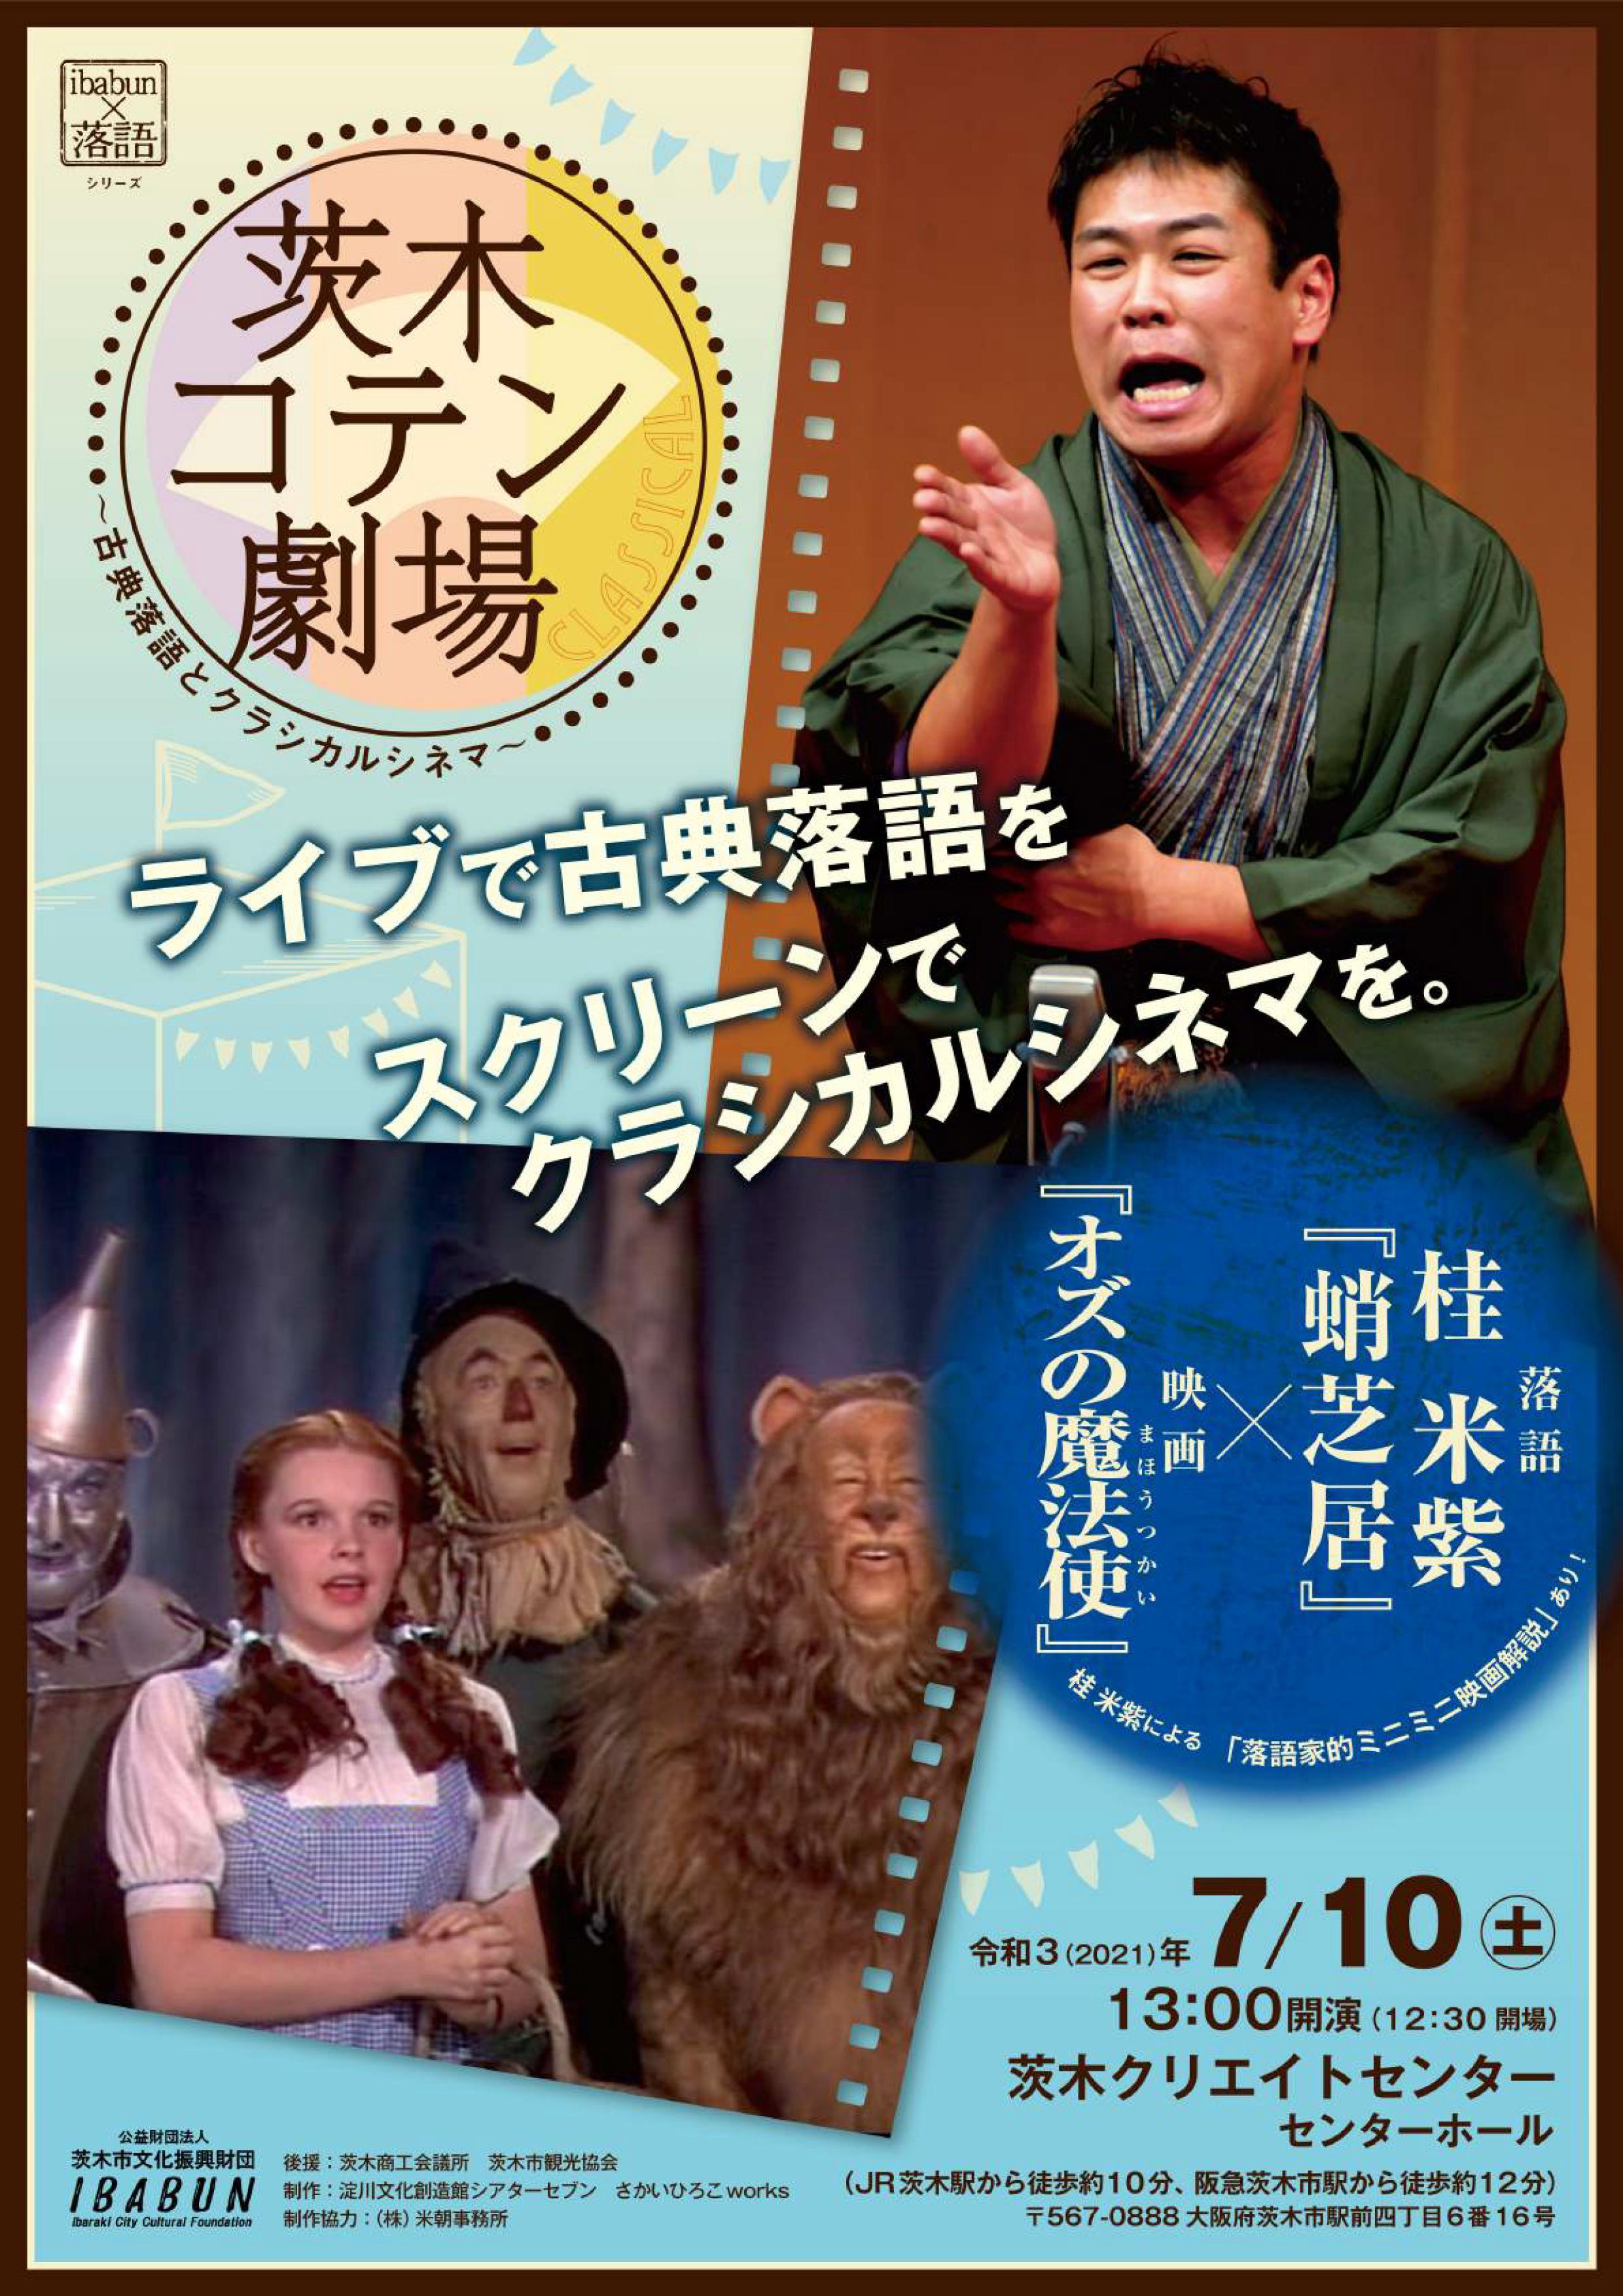 茨木コテン劇場 2021~古典落語とクラシカルシネマ~